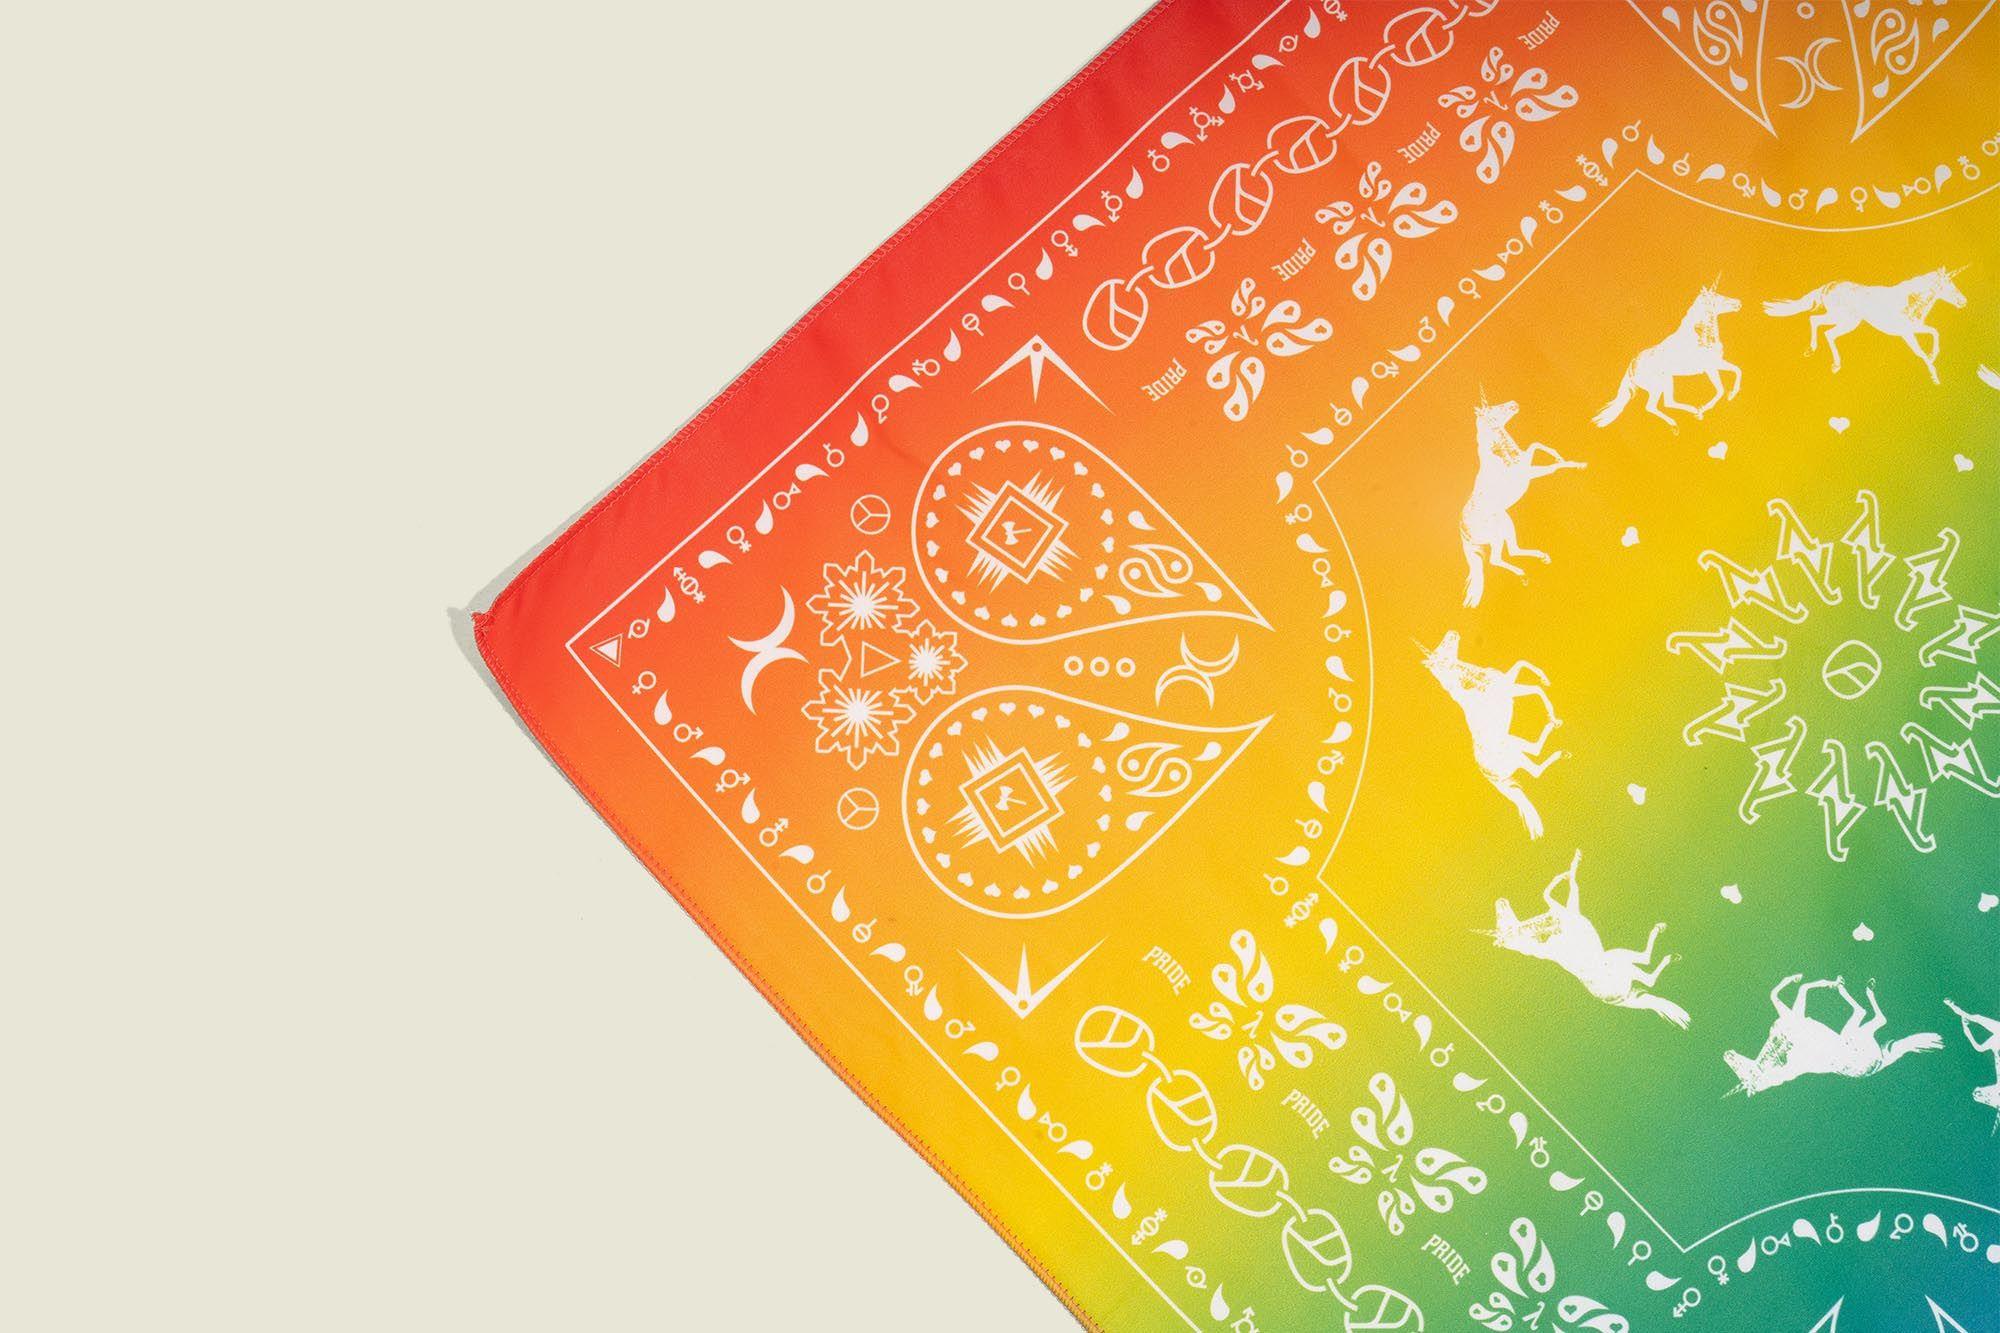 Colorful handkerchief